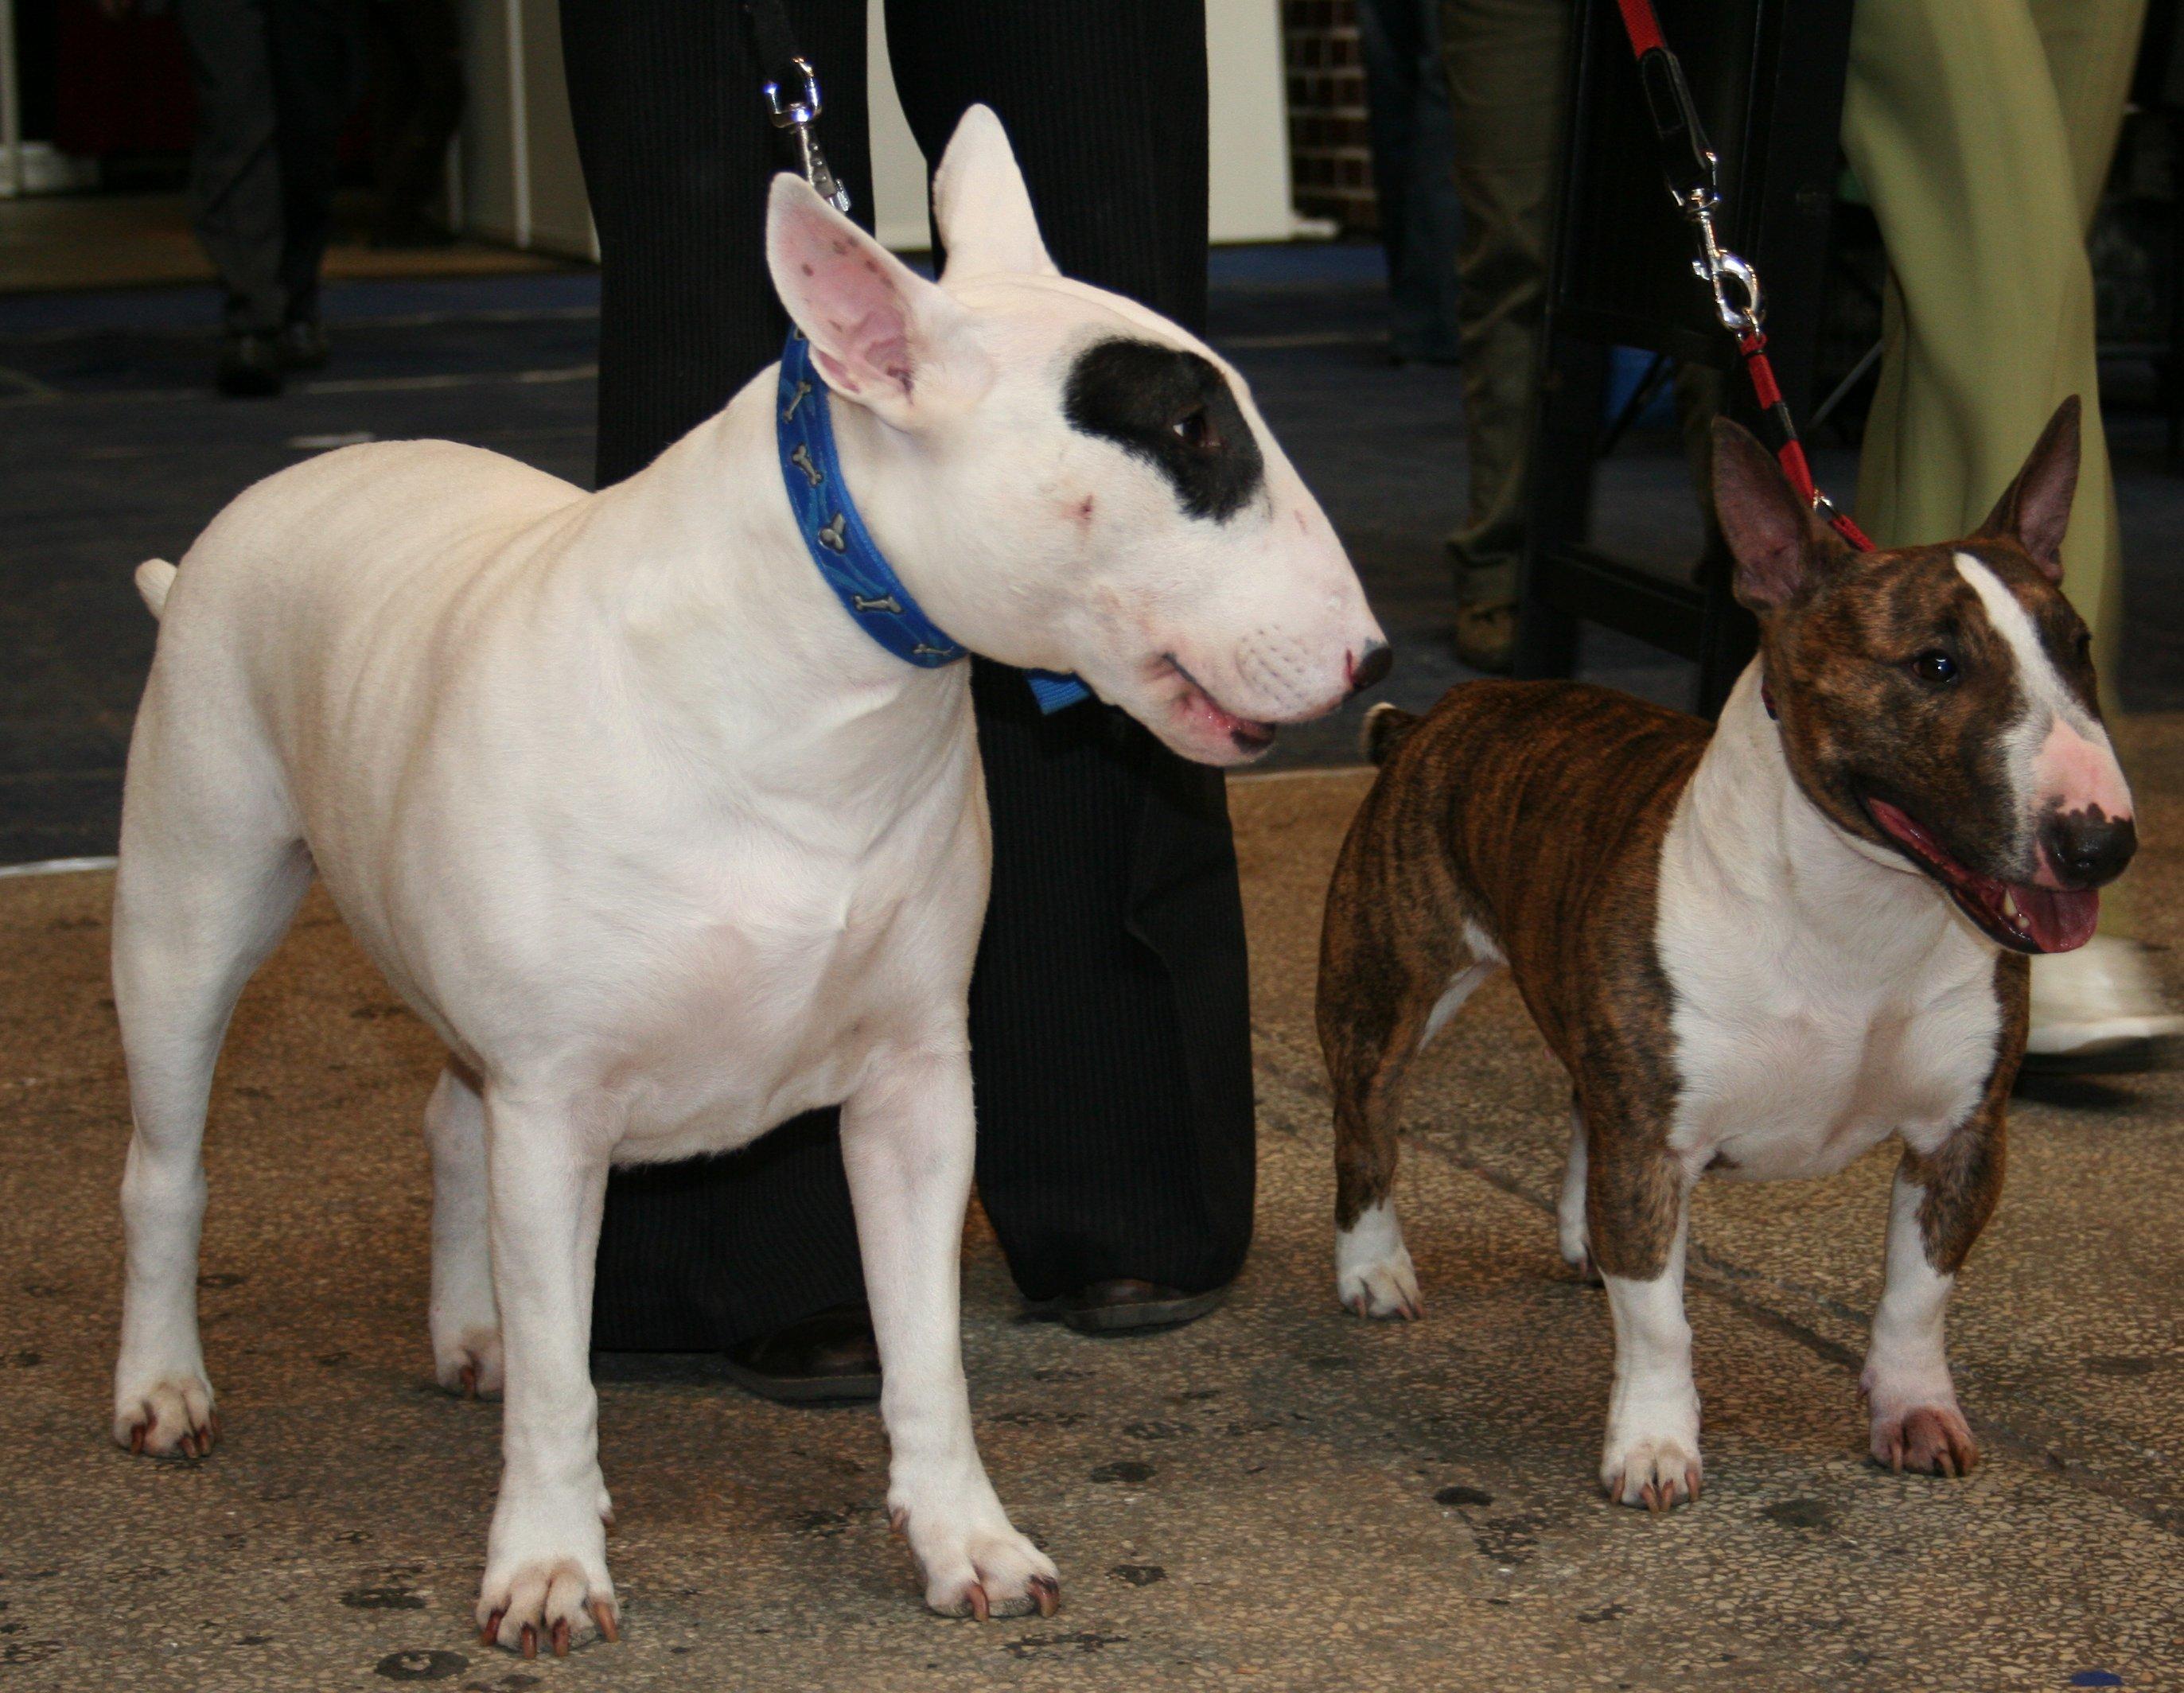 Bull Terrier Images